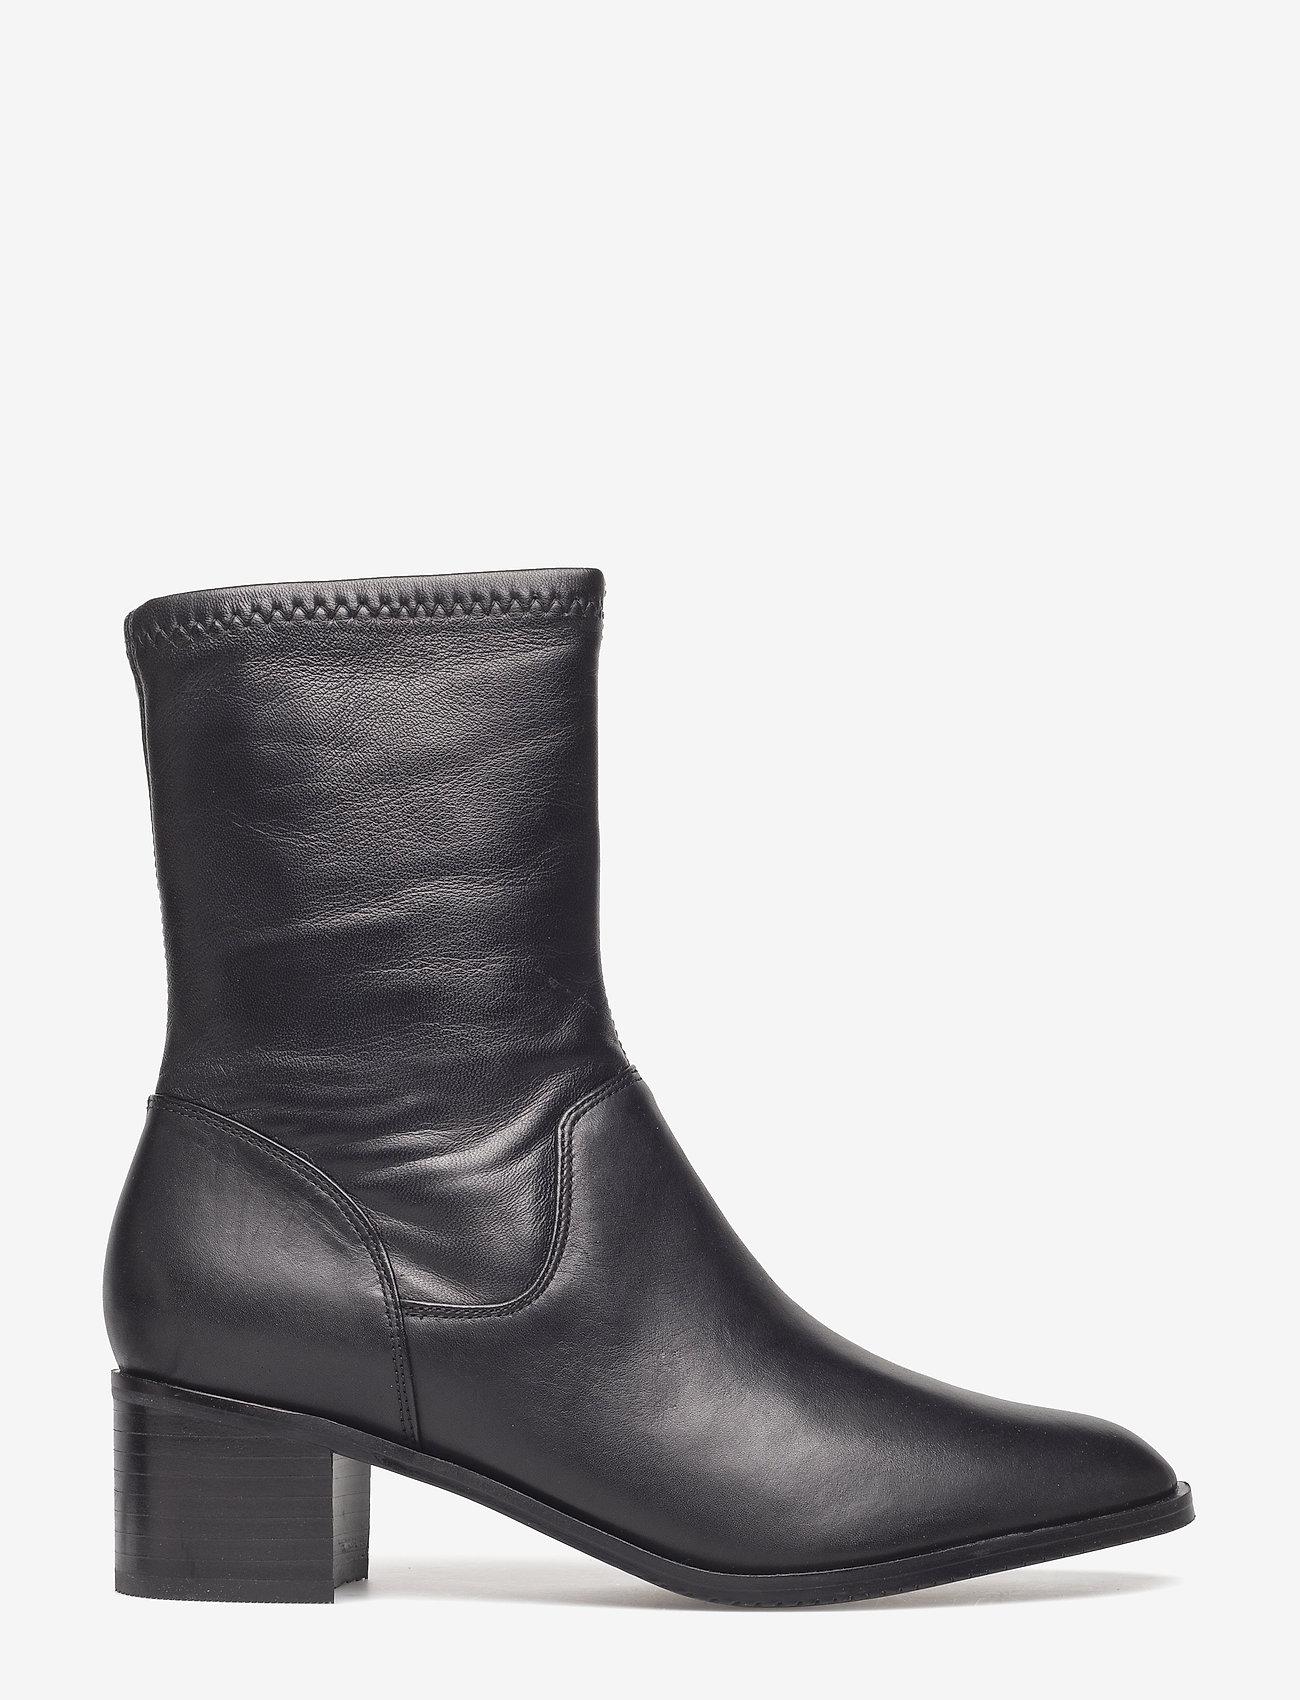 Clarks - Poise Leah - ankelstøvler med hæl - black leather - 1